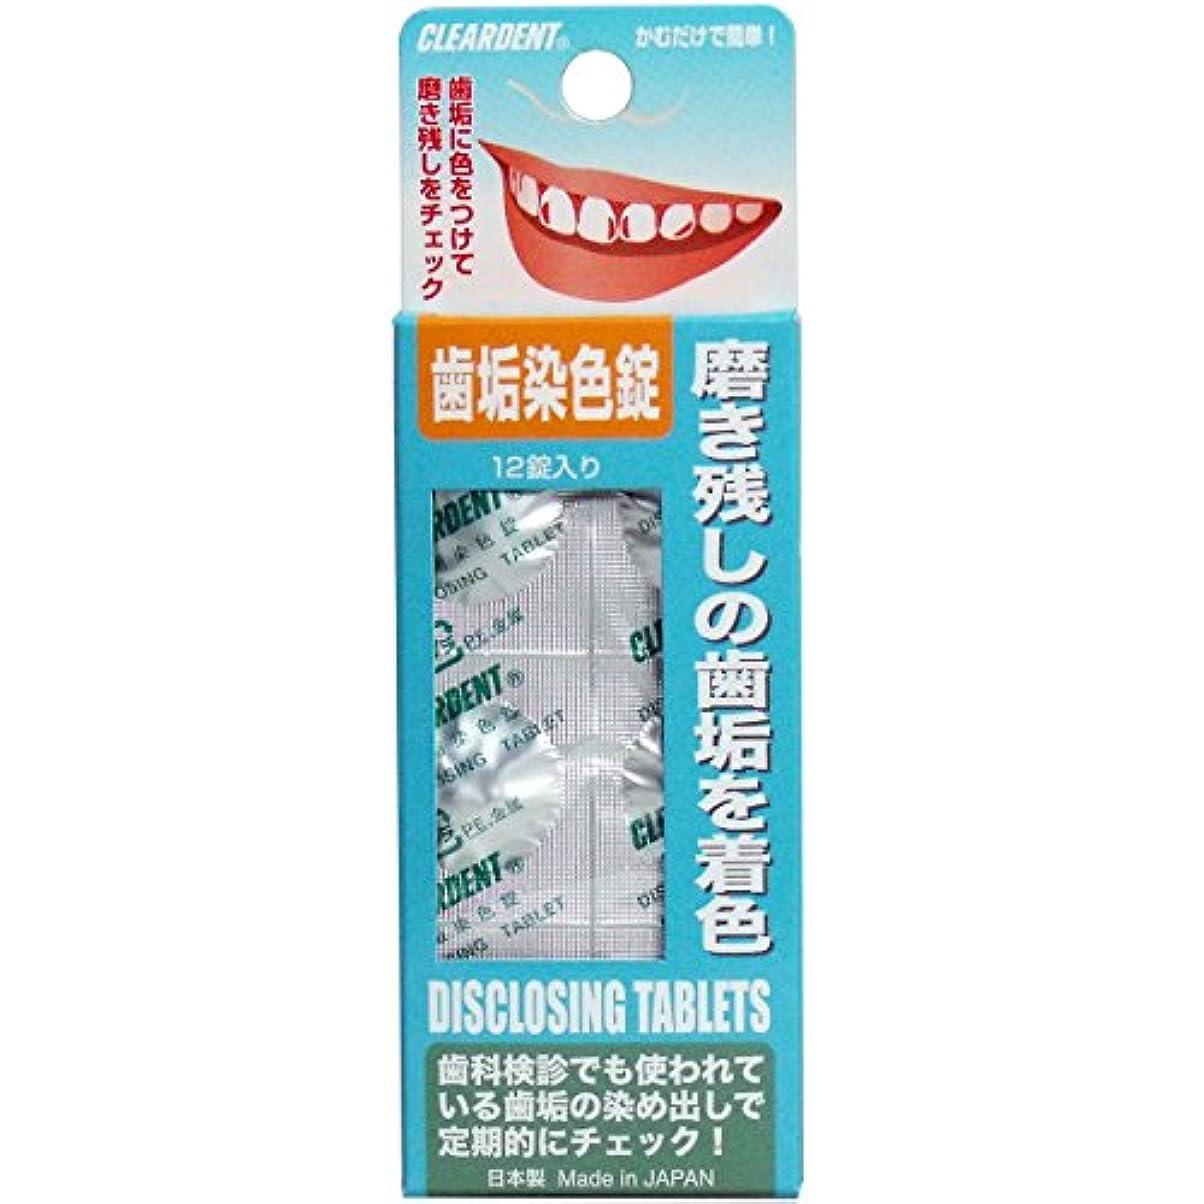 ステップチャンス容量クリアデント歯垢染色錠 12錠